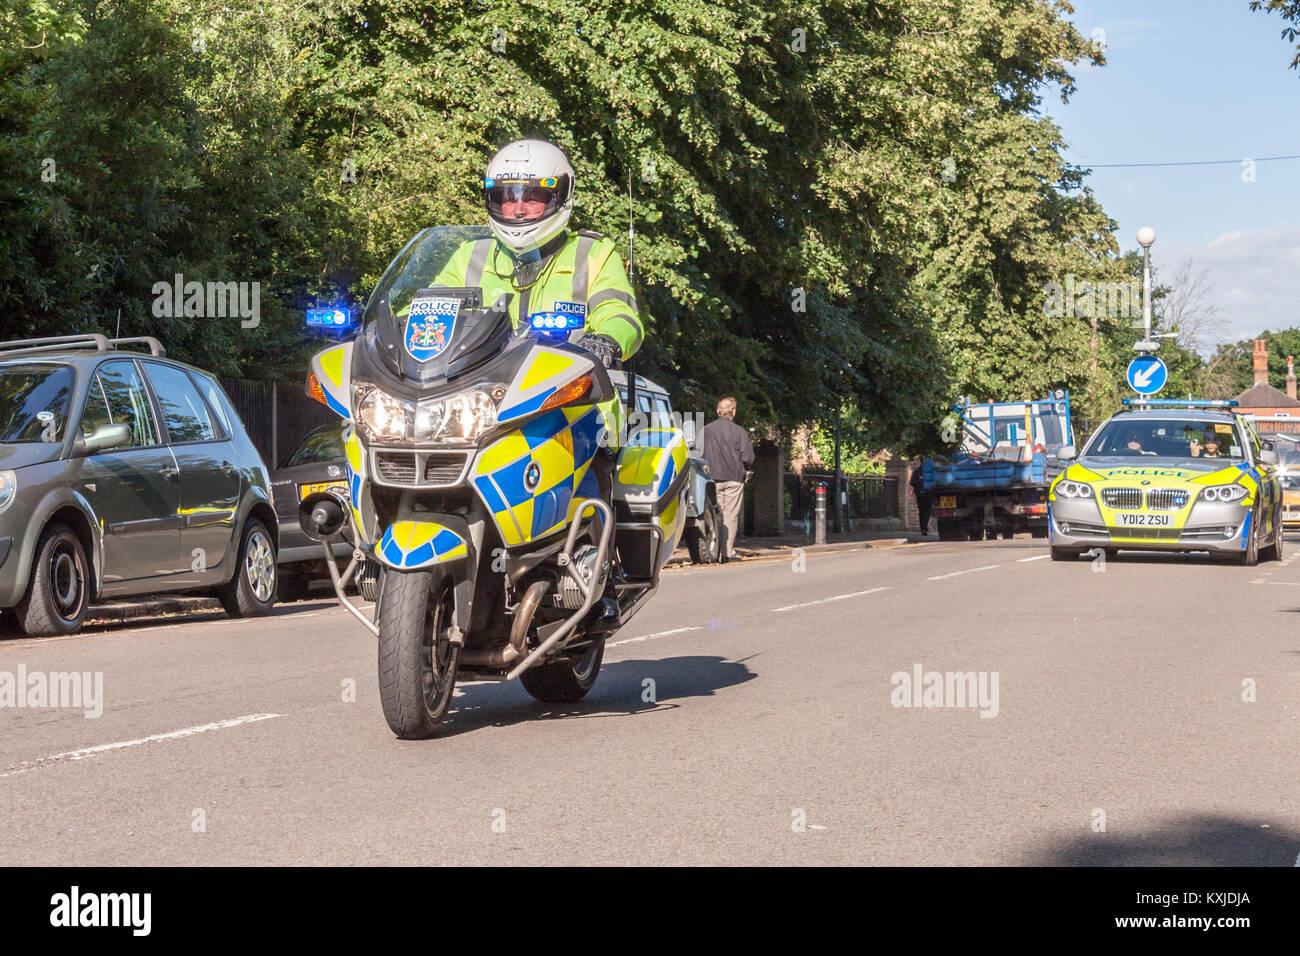 Policía de Thames Valley motociclistas montando motocicletas BMW R1200RT Imagen De Stock